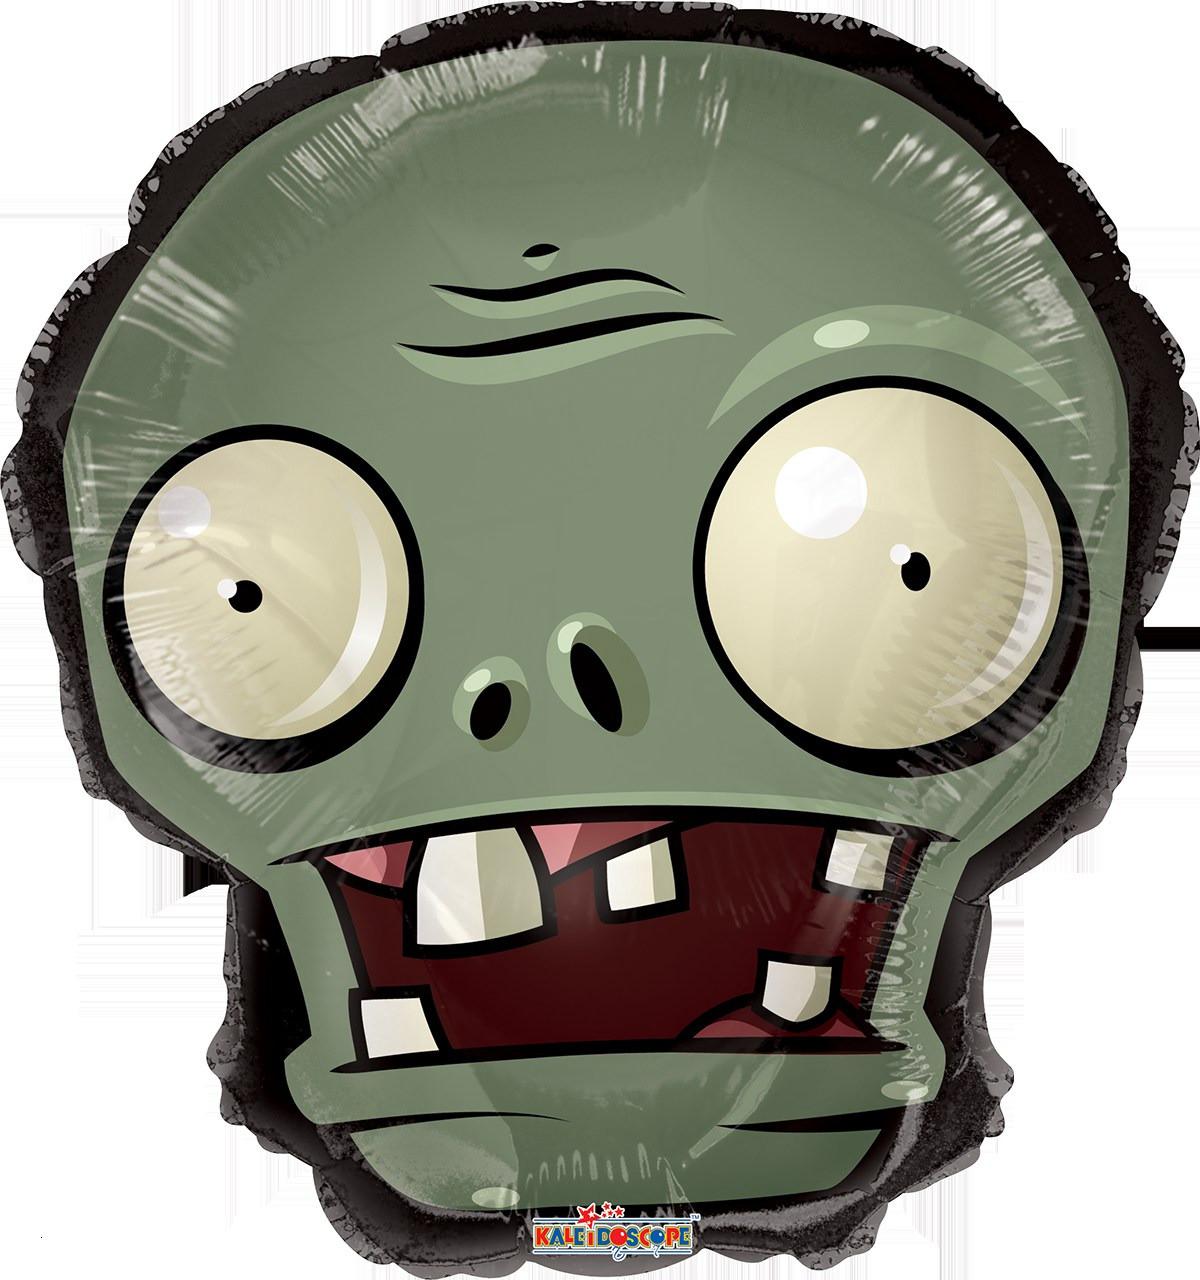 Pflanzen Gegen Zombies Ausmalbilder Das Beste Von 37 Ausmalbilder Zum Ausdrucken Traktor Scoredatscore Schön Sammlung